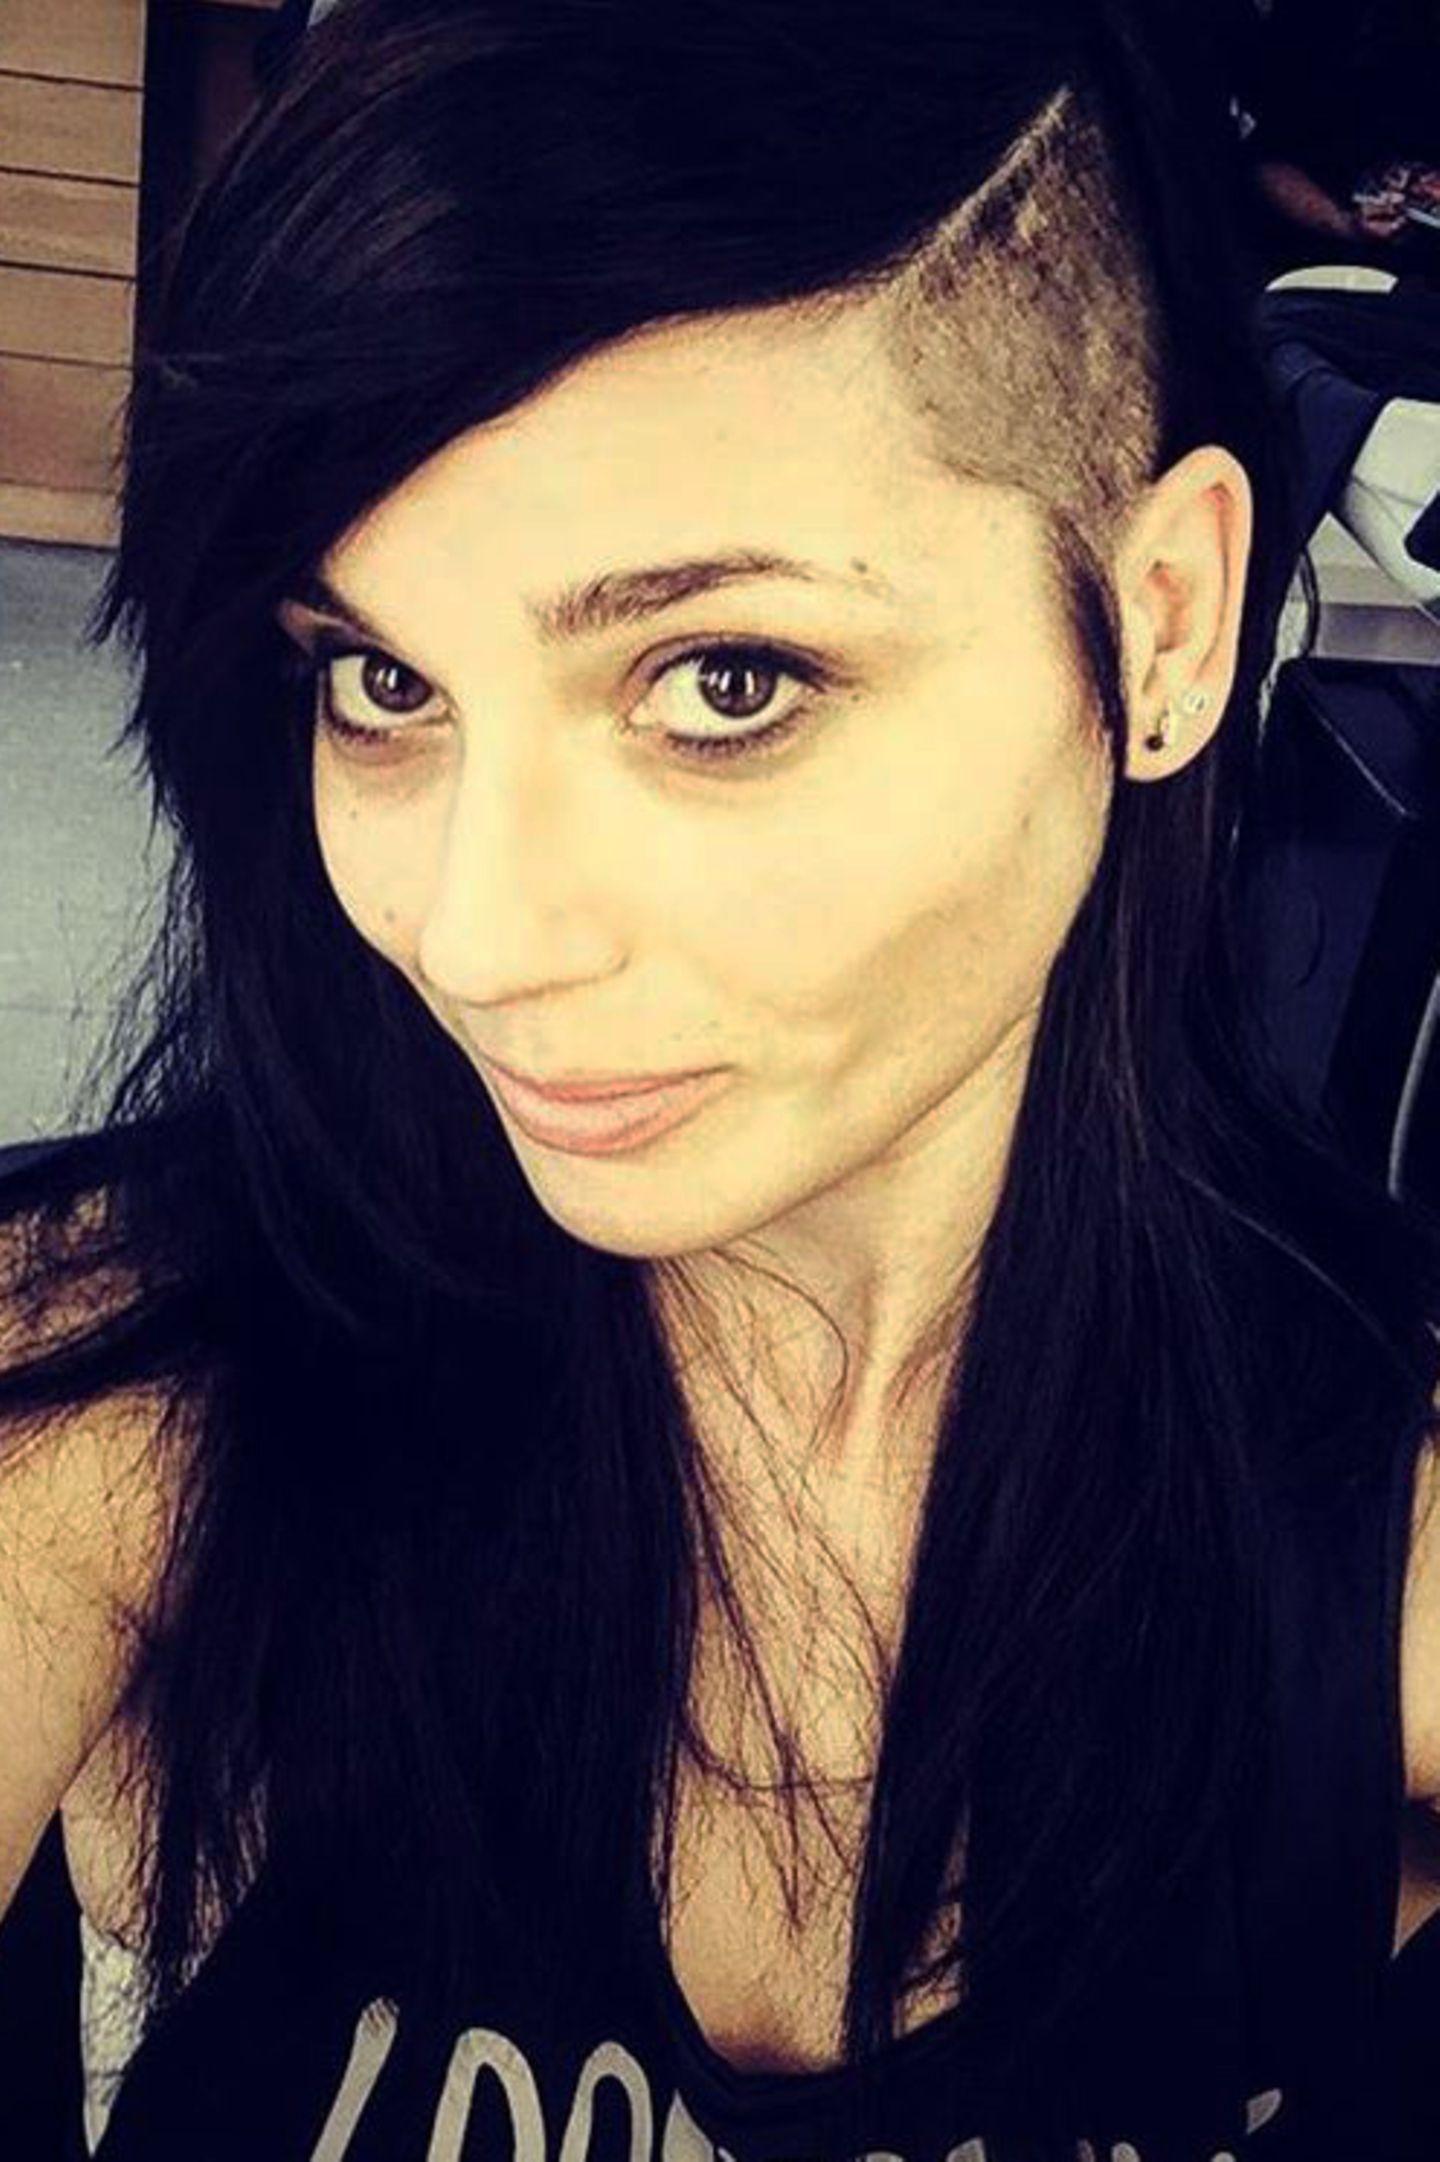 Linda Marlen Runge, GZSZ-Fans eher bekannt als Anni, ist die Wilde unter den Soap-Mädels. Auf Instagram zeigt sie nun ihren neuen Look mit Undercut.